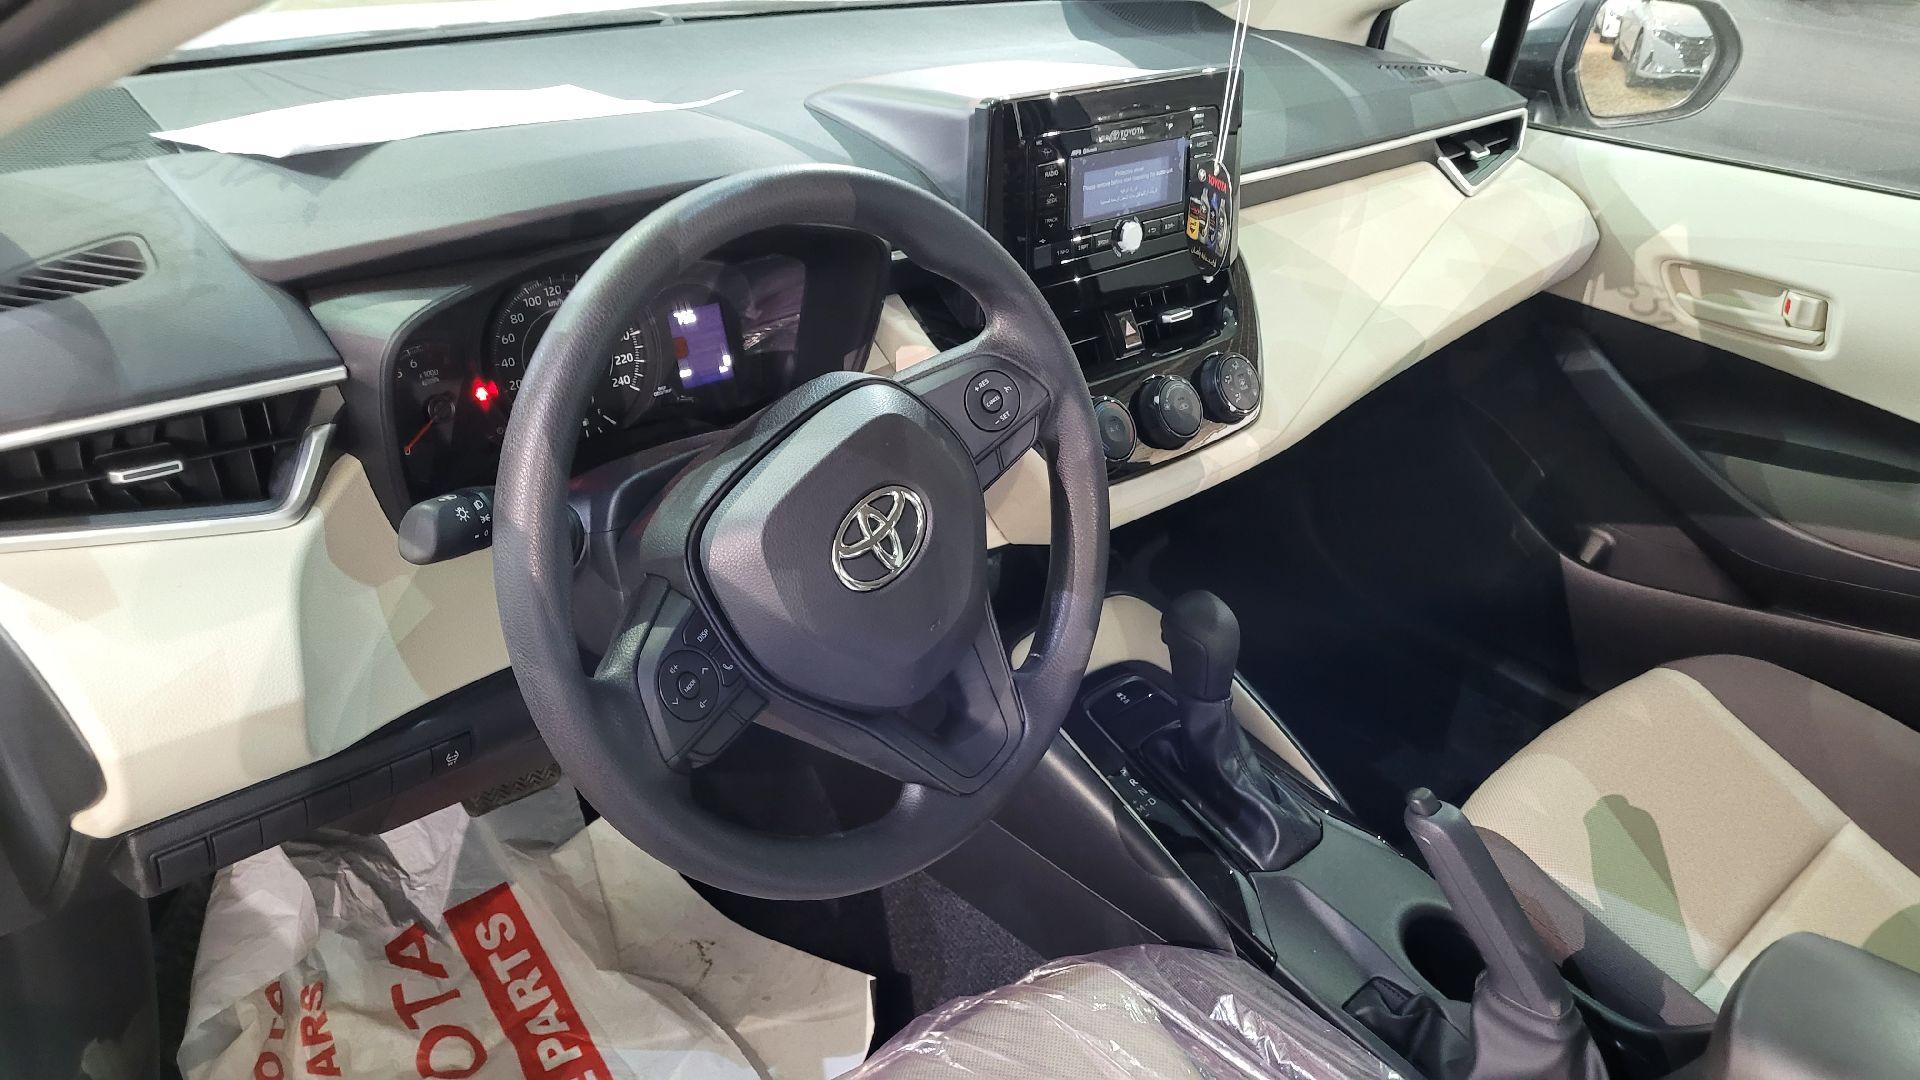 مباع - تويوتا كورولا XLI ستاندر  2021 سعودي جديد للبيع في الرياض - السعودية - صورة كبيرة - 15